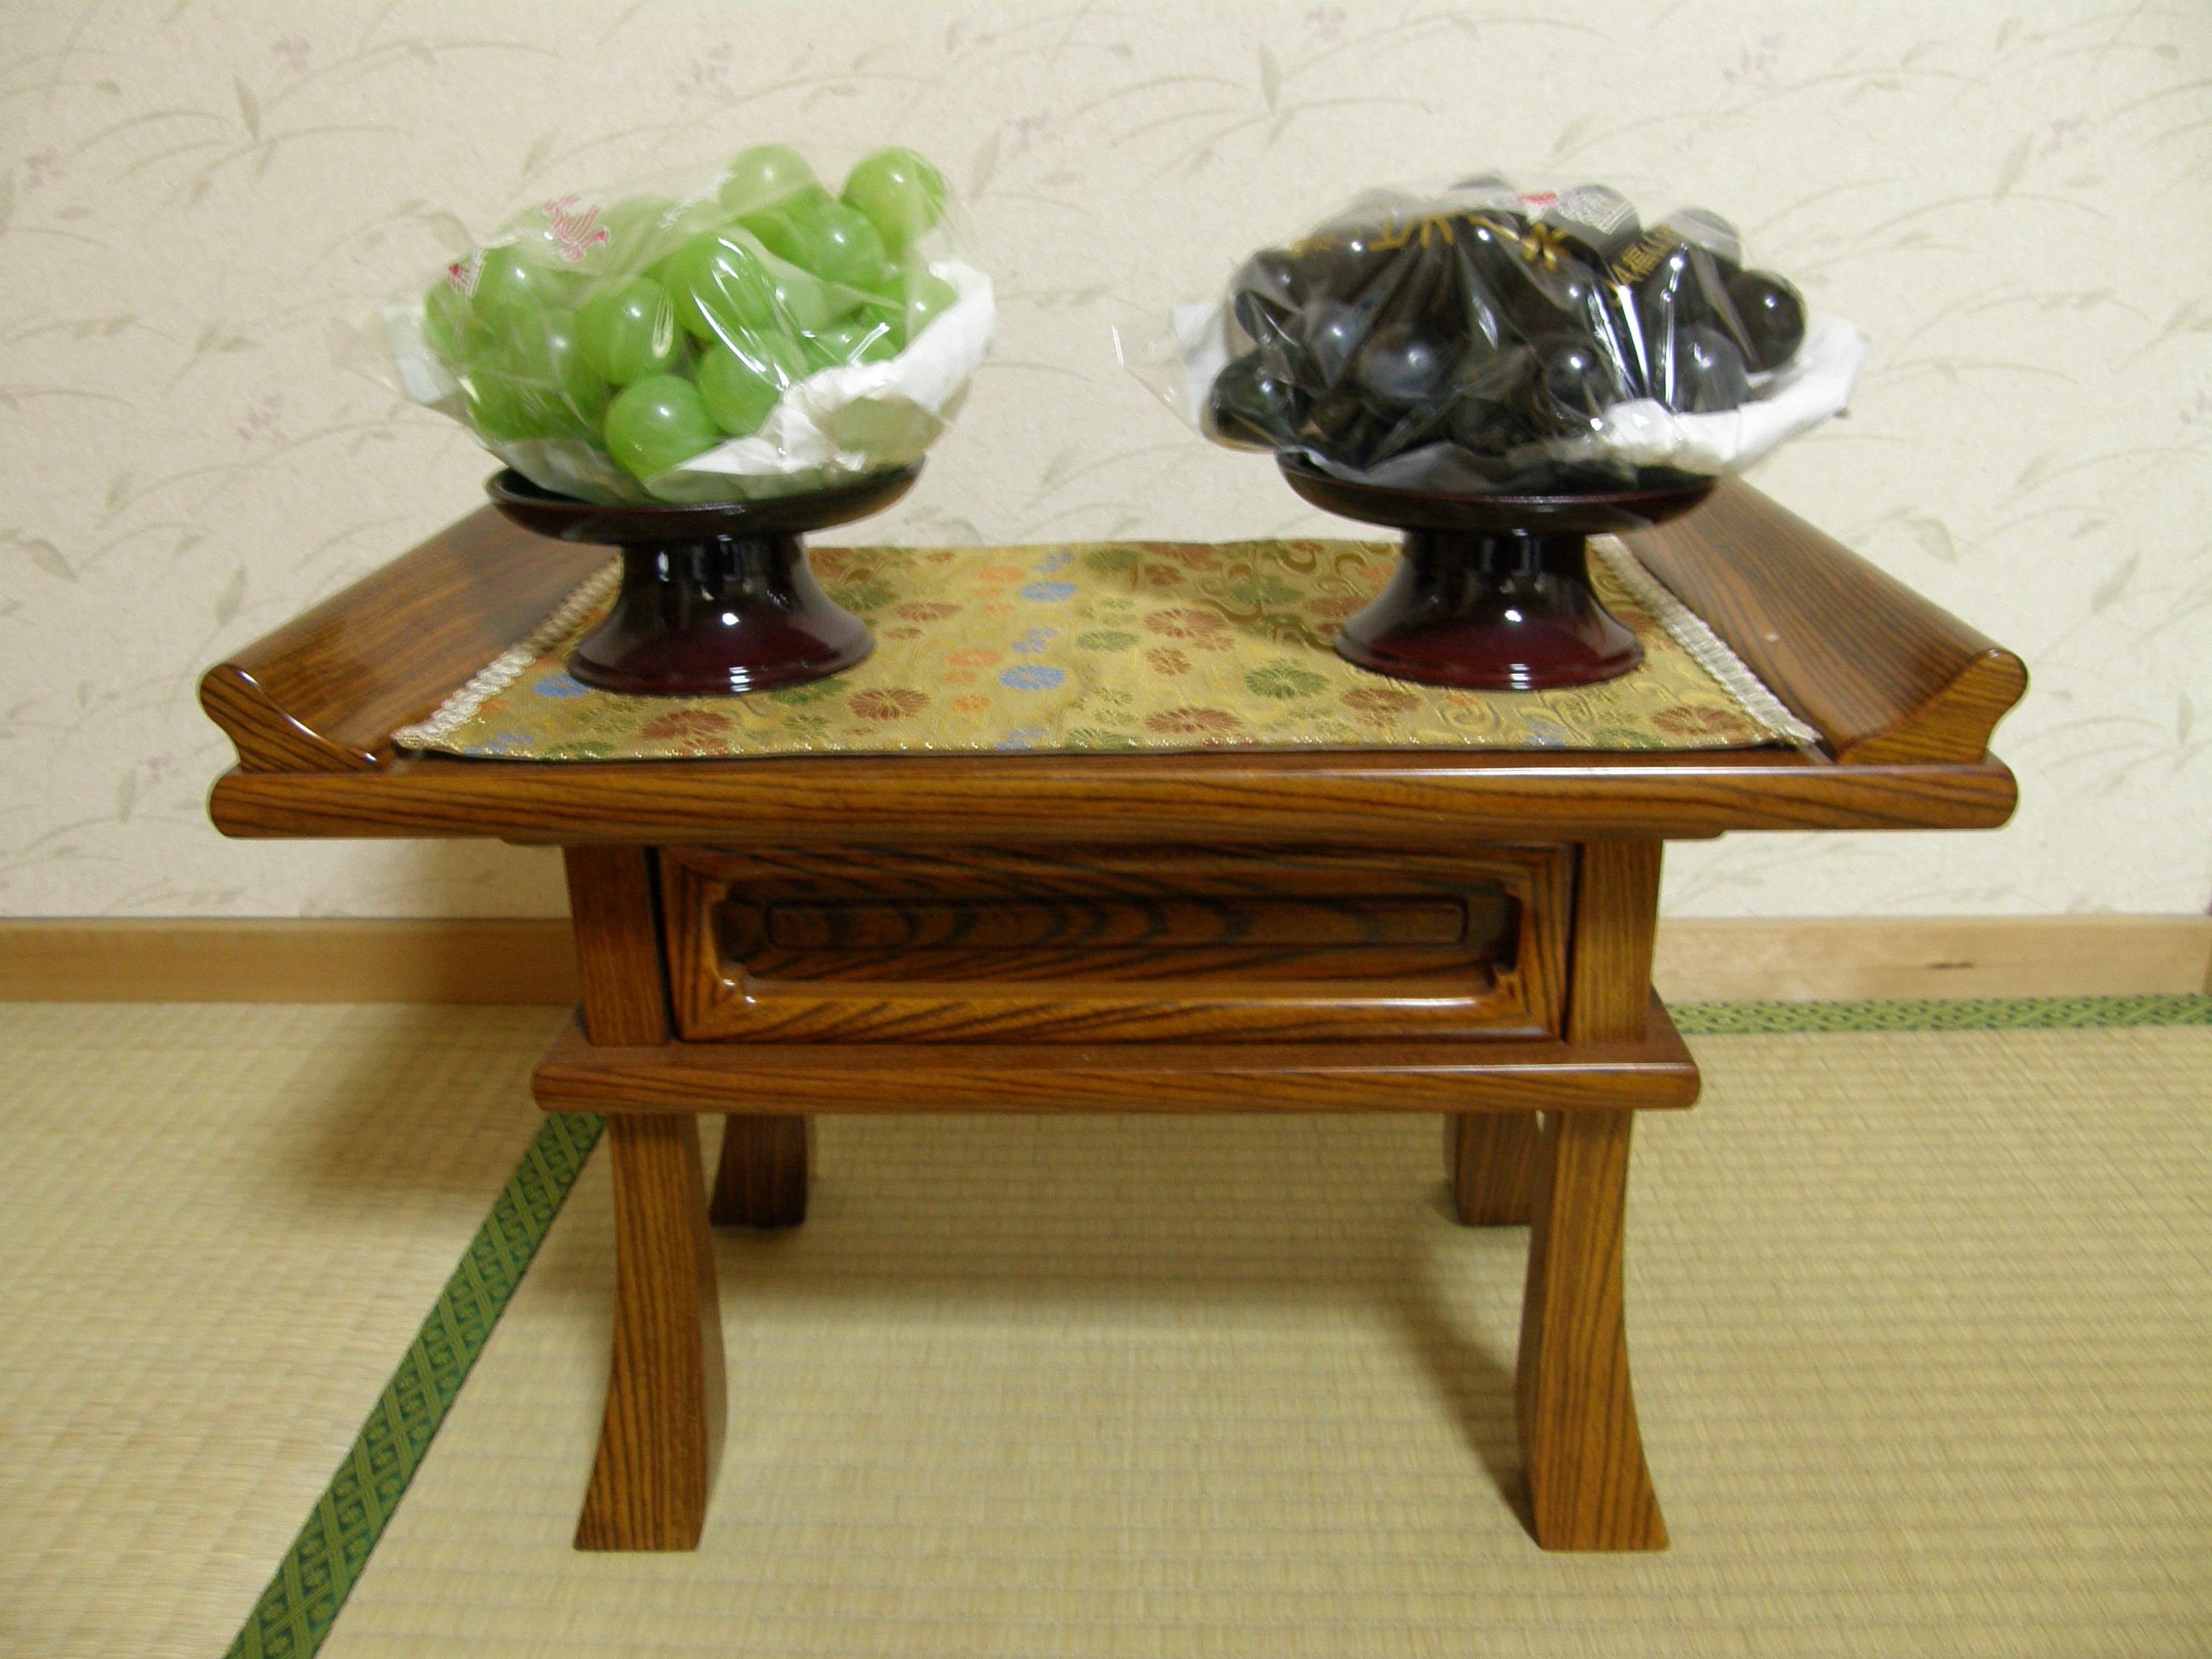 イエローページのサンプル盛籠・カット野菜